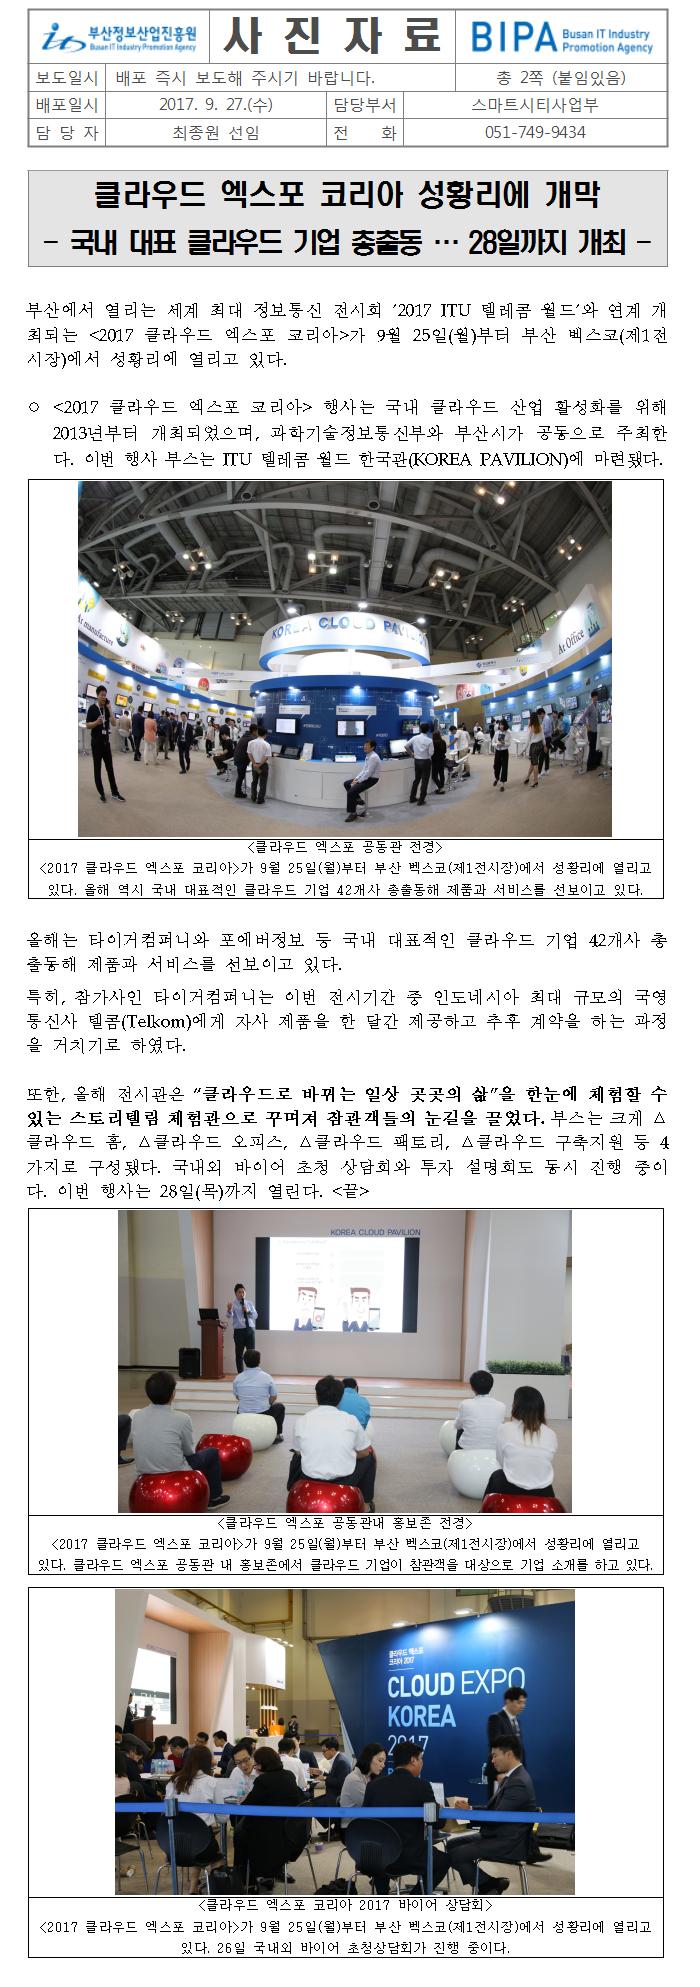 클라우드 엑스포 코리아 2017 성황리 개최